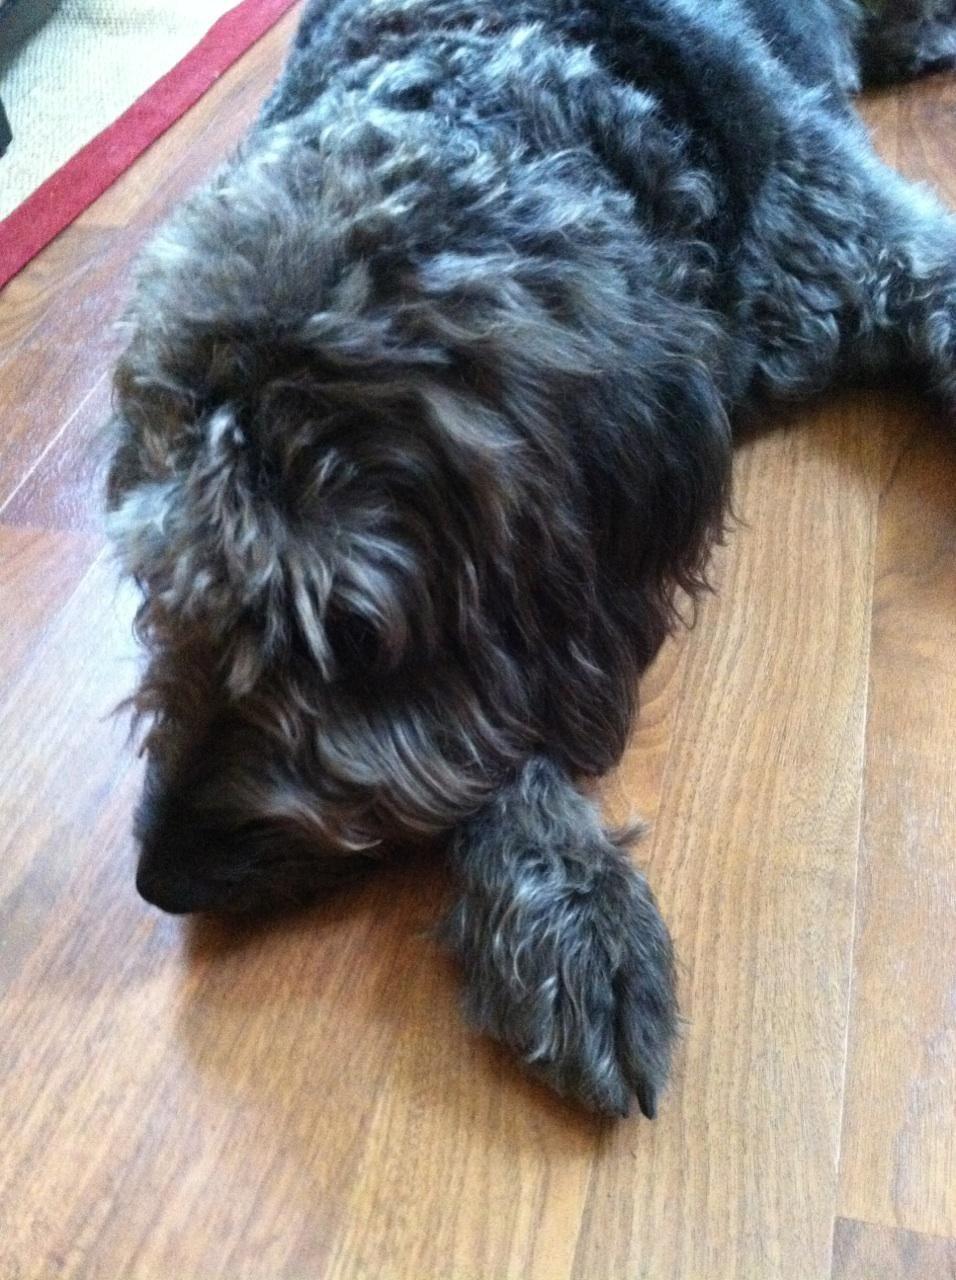 Myakka City, FL - Labradoodle  Meet Sadie a Pet for Adoption